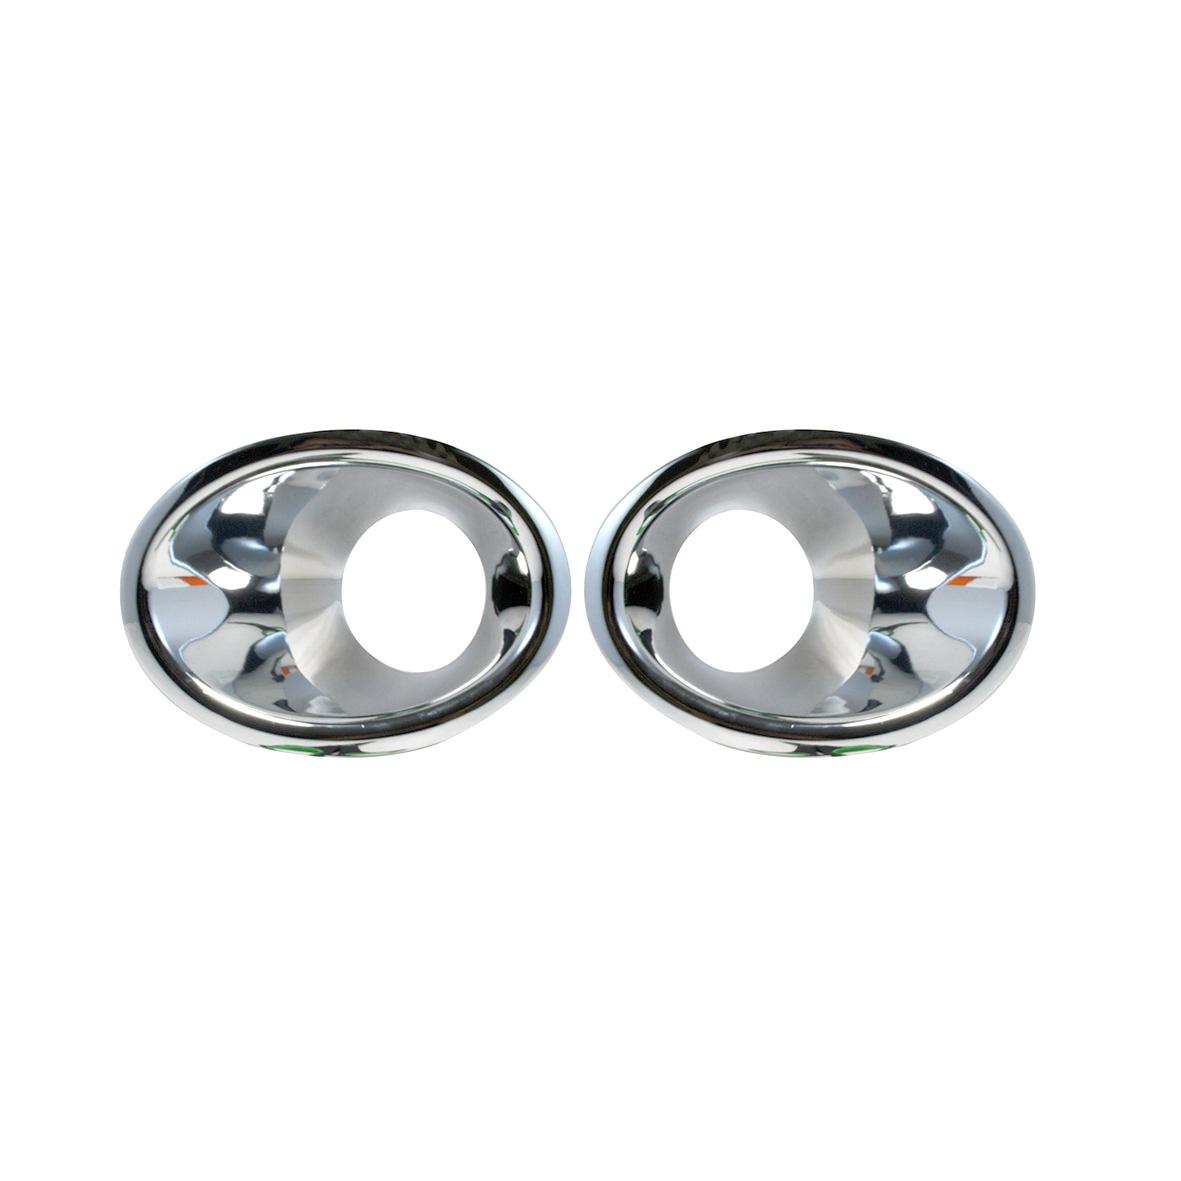 Daftar Harga Autofriend Ring Fog Lamp Nissan Evalia 2014 Pelindung Variasi Aksesoris Mobil Modifikasi Ai Cbb3067 Otomobil